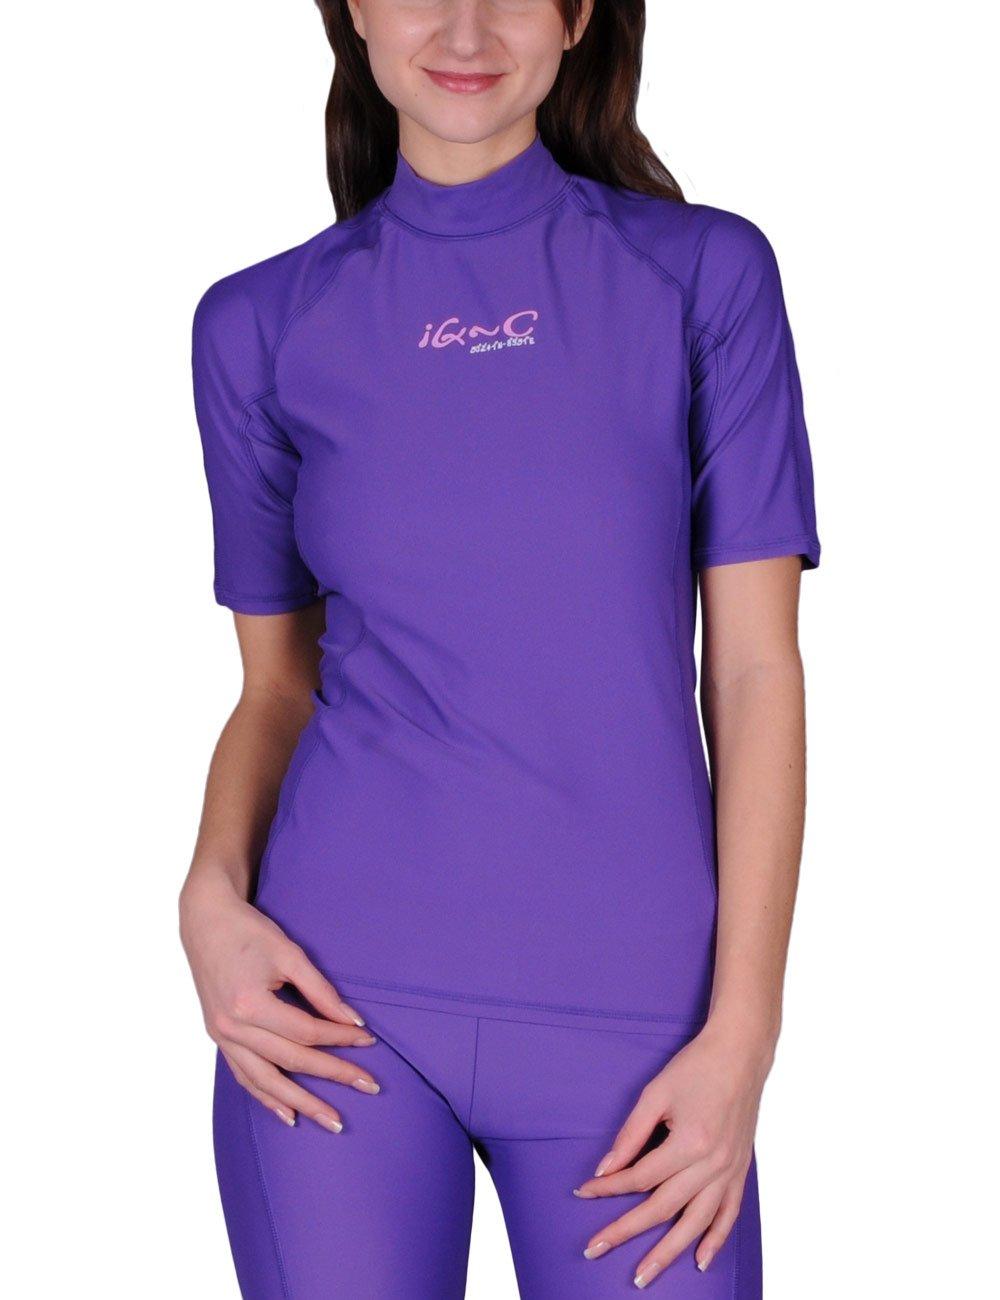 Camiseta para Mujer Color Morado iQ-Company UV 300 Shirt Slim Fit